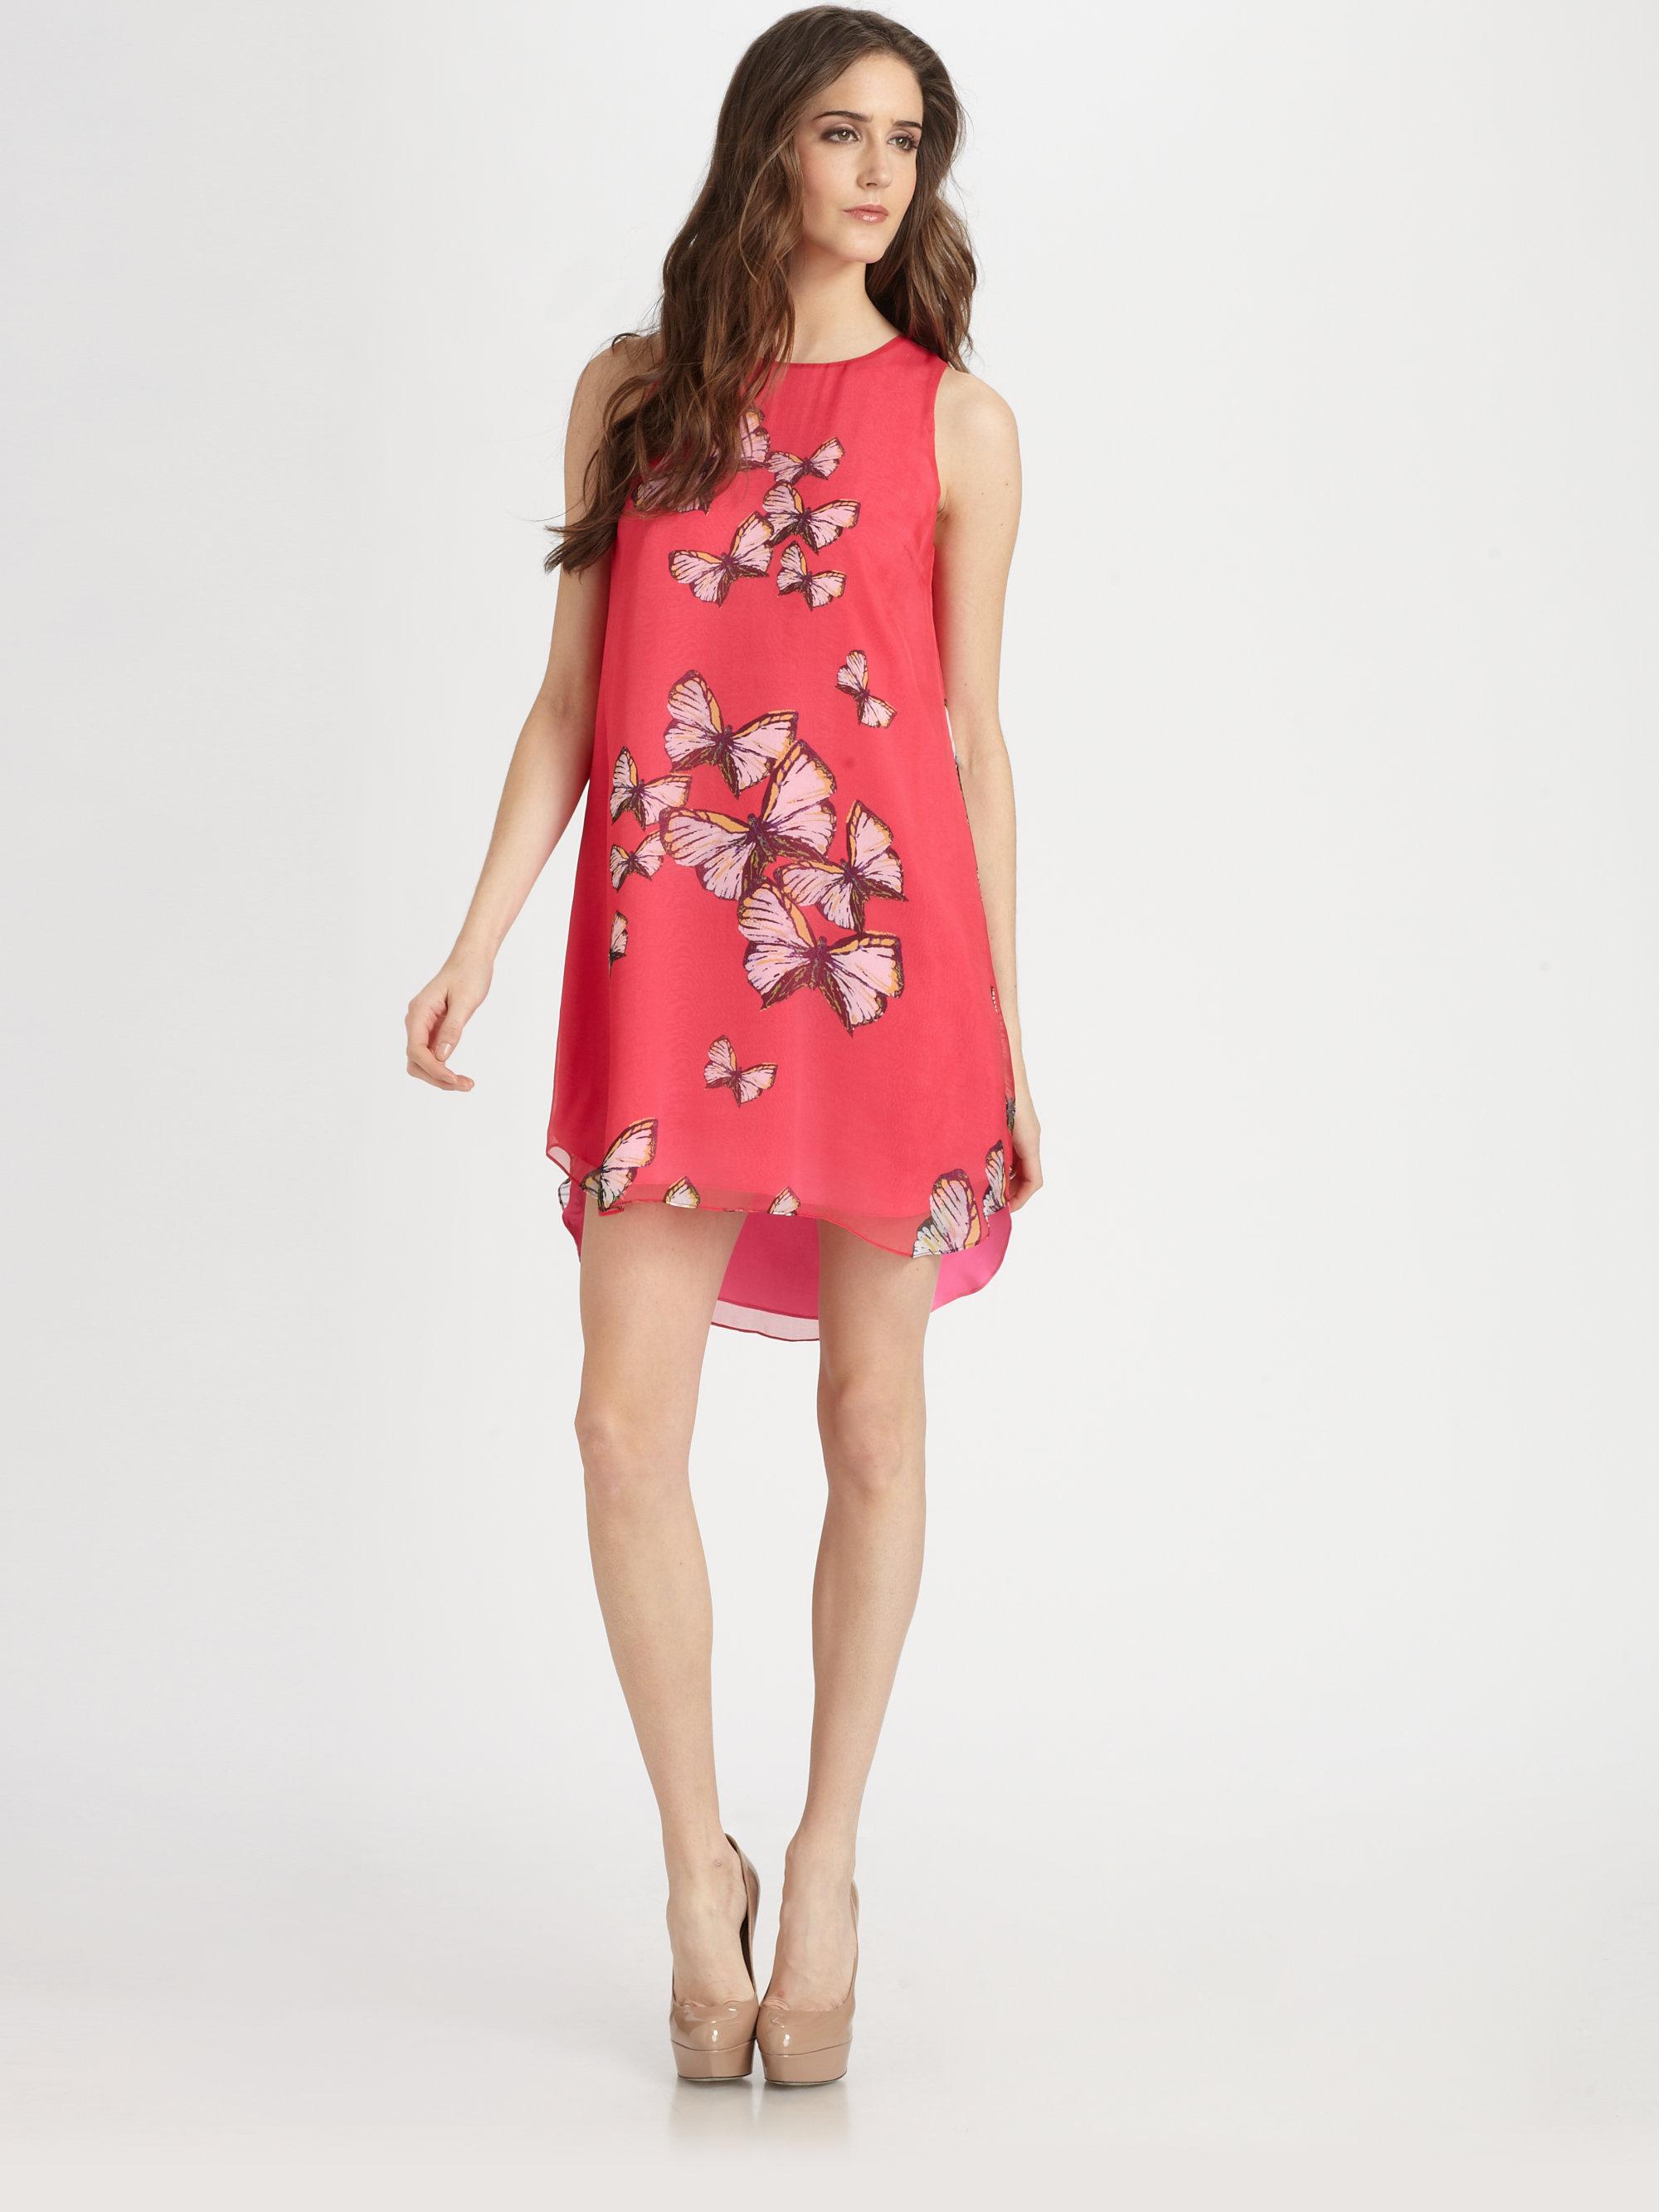 Erin Fetherston Silk Erfly Dress In Pink Lyst